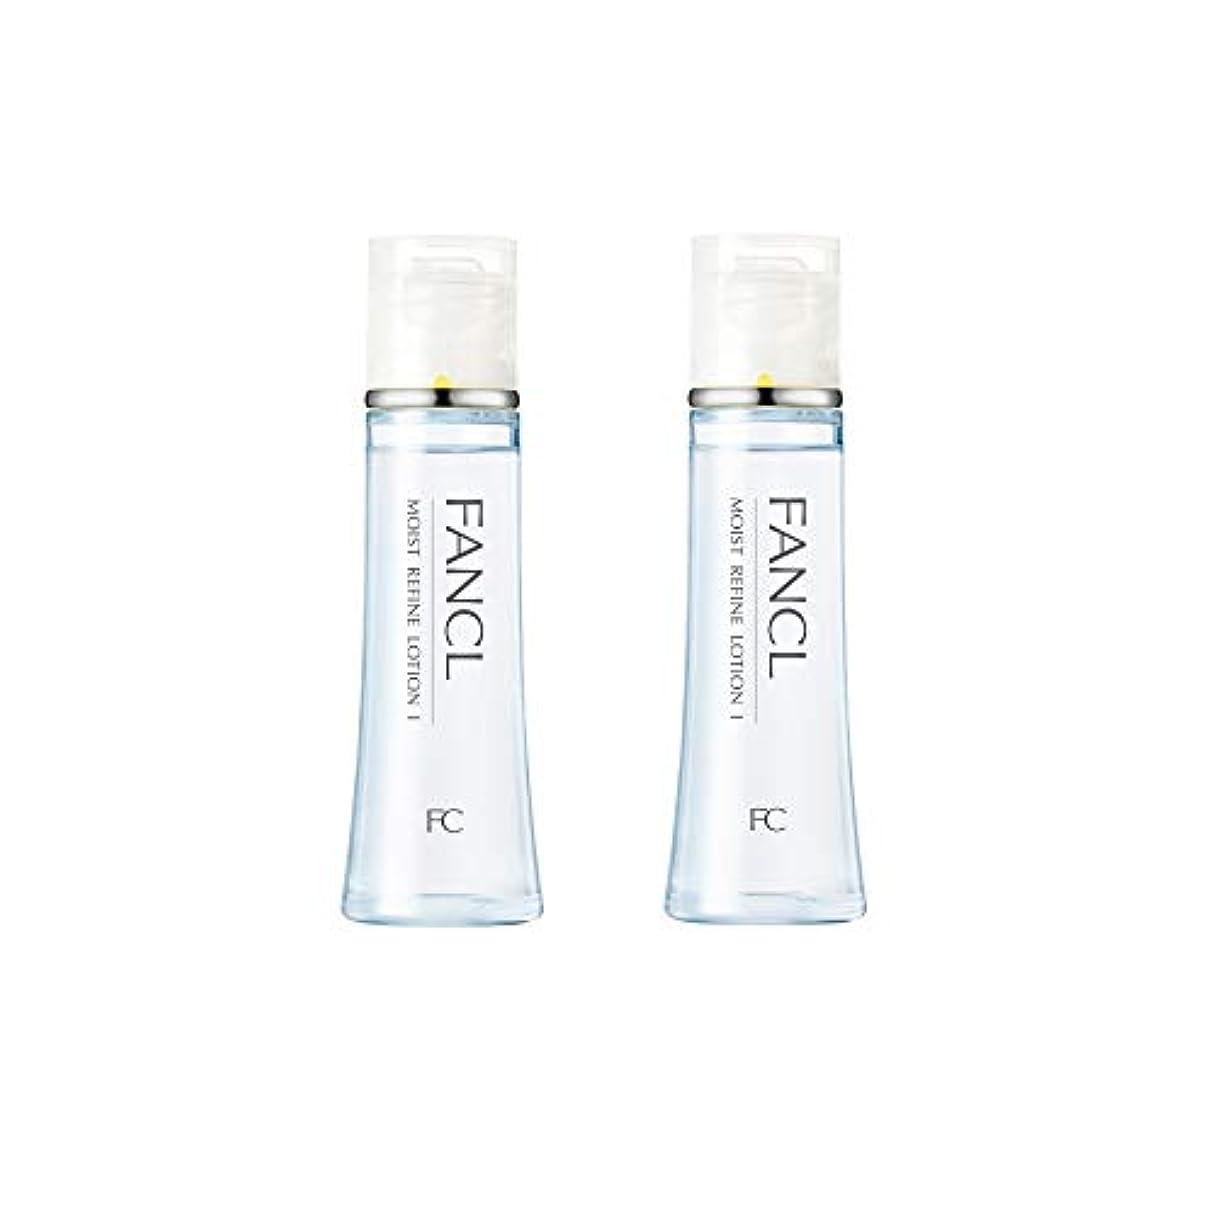 ホラースロットドライバファンケル (FANCL) モイストリファイン 化粧液I さっぱり 2本セット 30mL×2 (約60日分)